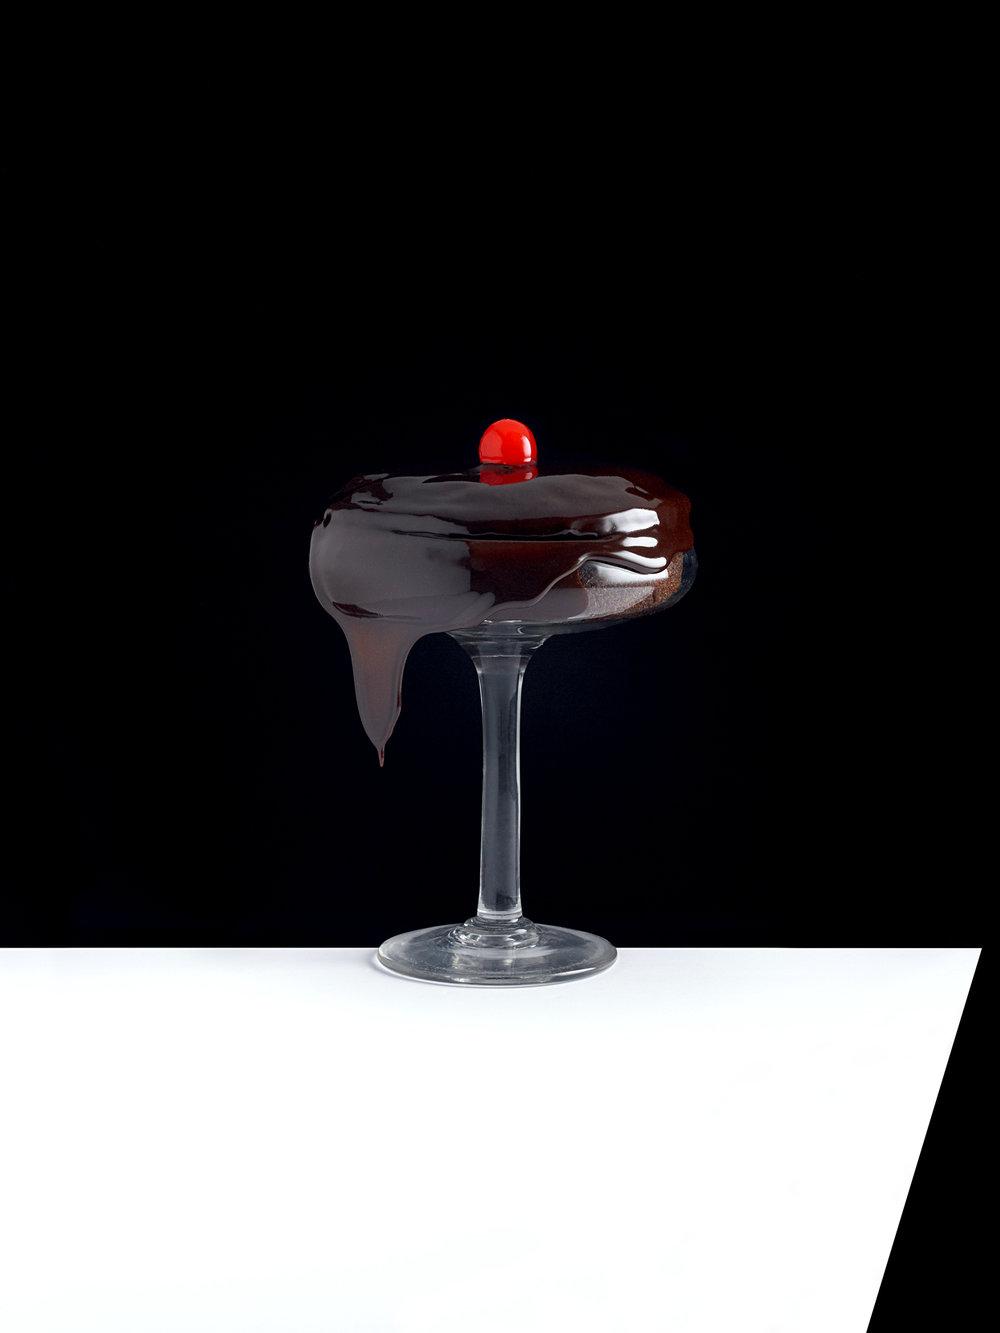 Kevin Mallett chocolate dessert with cherry